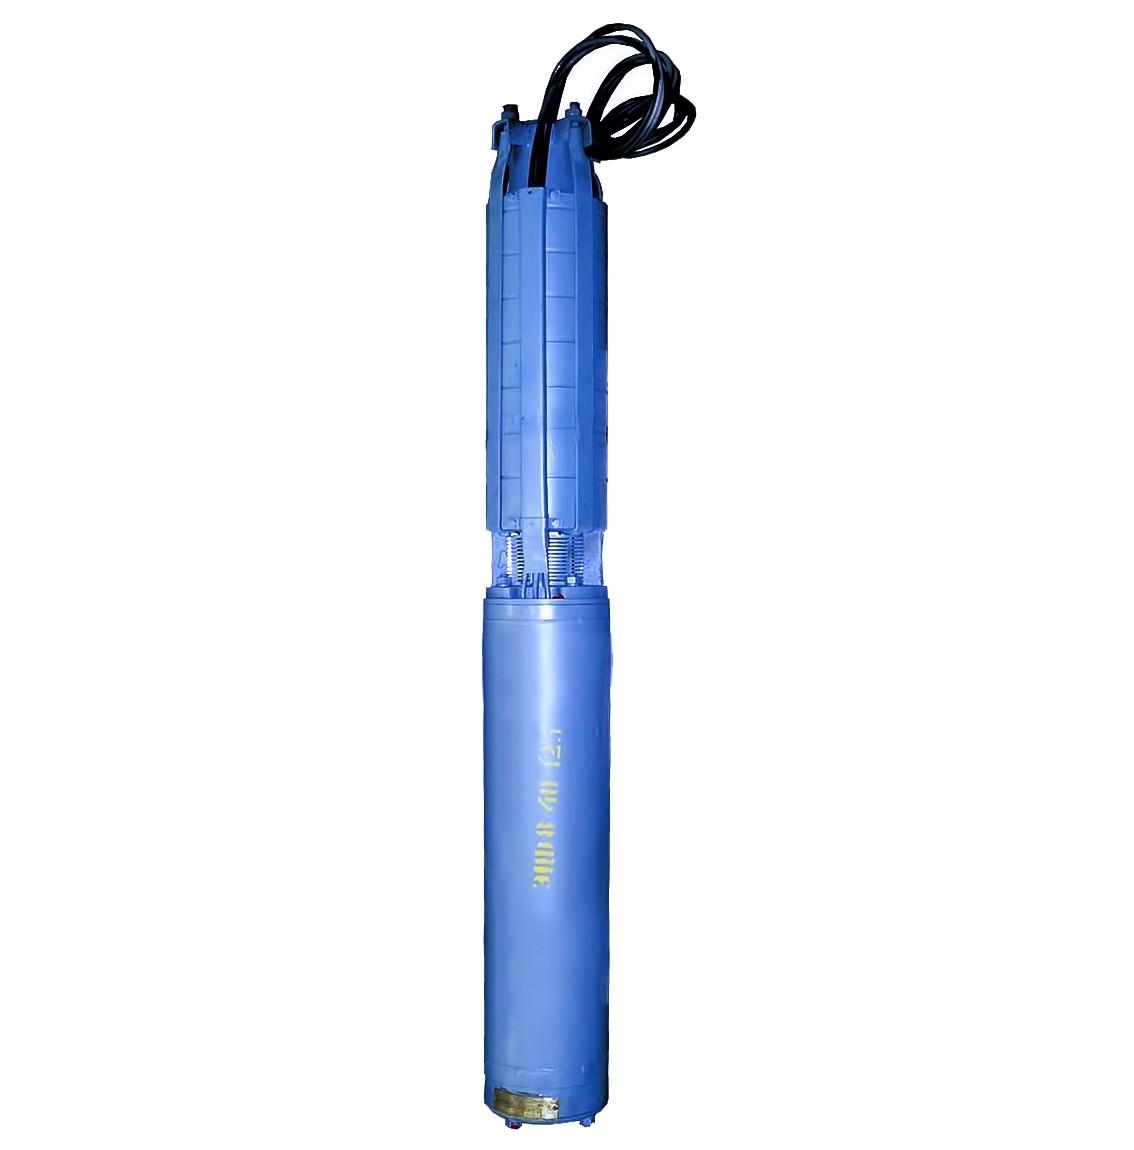 Погружной насос ЭЦВ 5-10-65 армлен